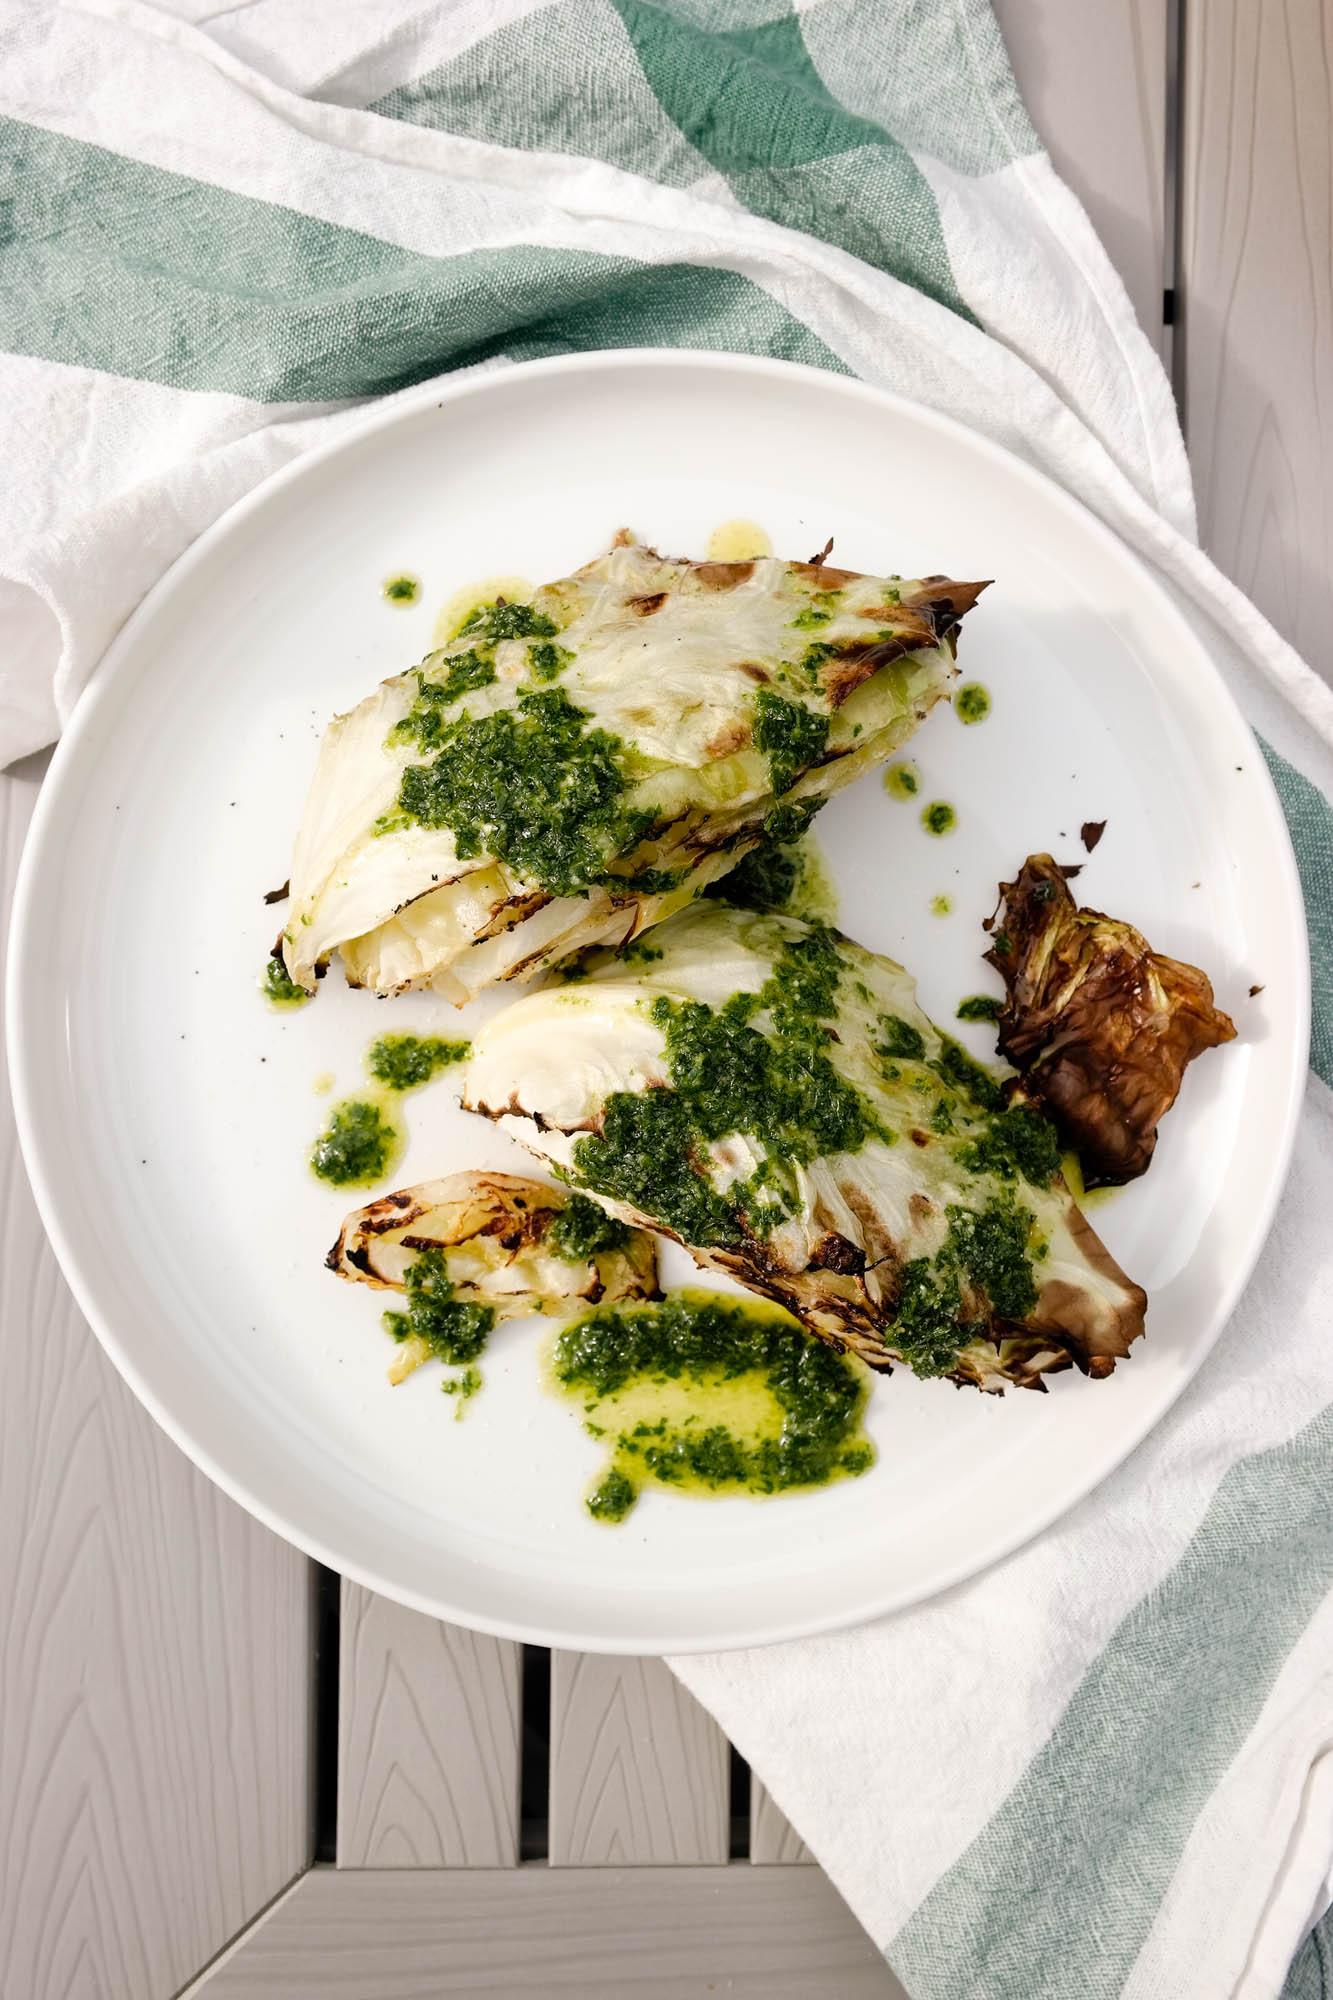 Grilla nykål med persilleolje er perfekt på grillen i sommer! Grønnsaker kan også grilles, vet du.